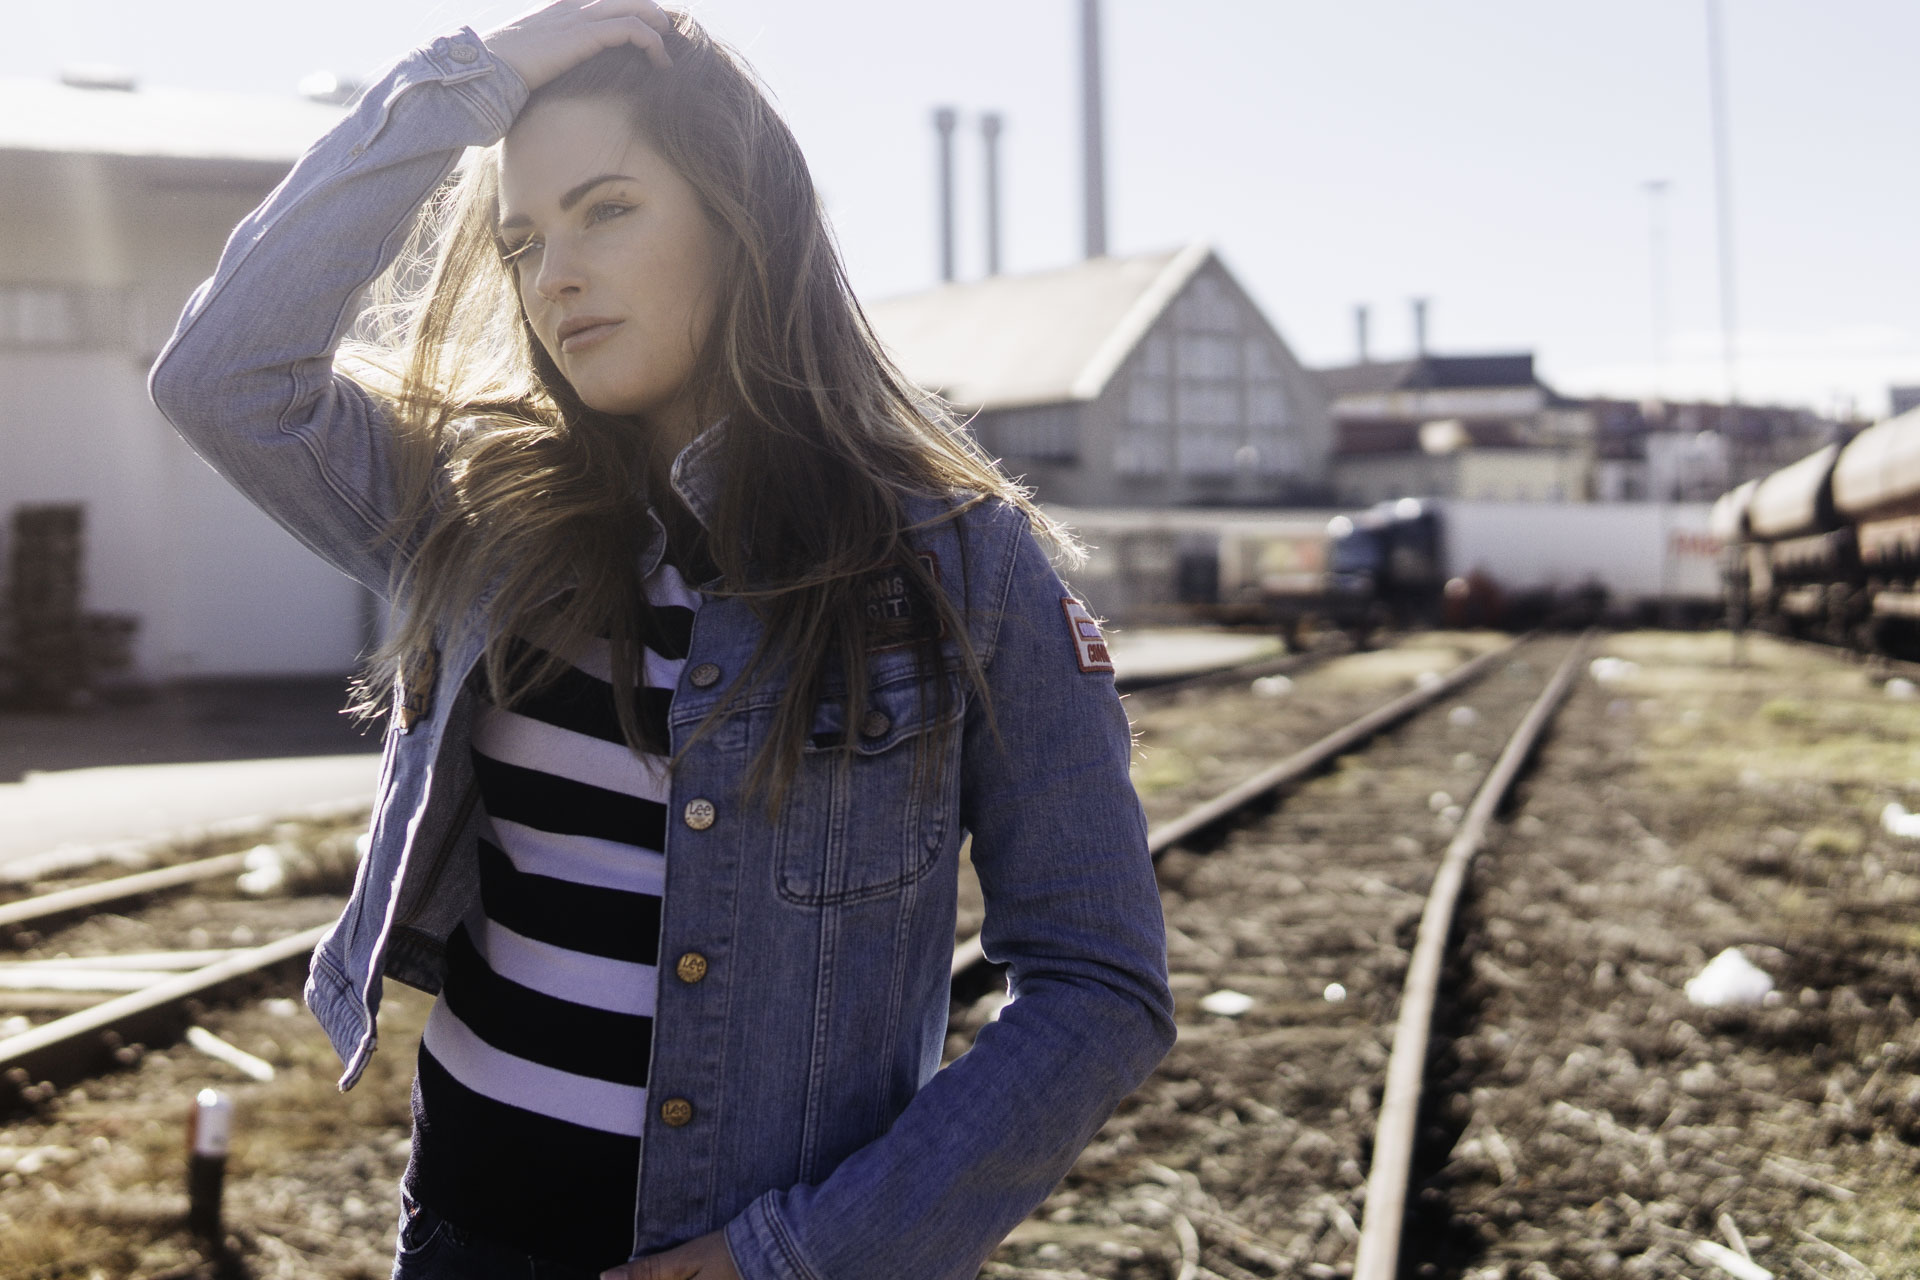 Münchener Model in Jeans Jacke steht in der Sonne auf Bahngleisen